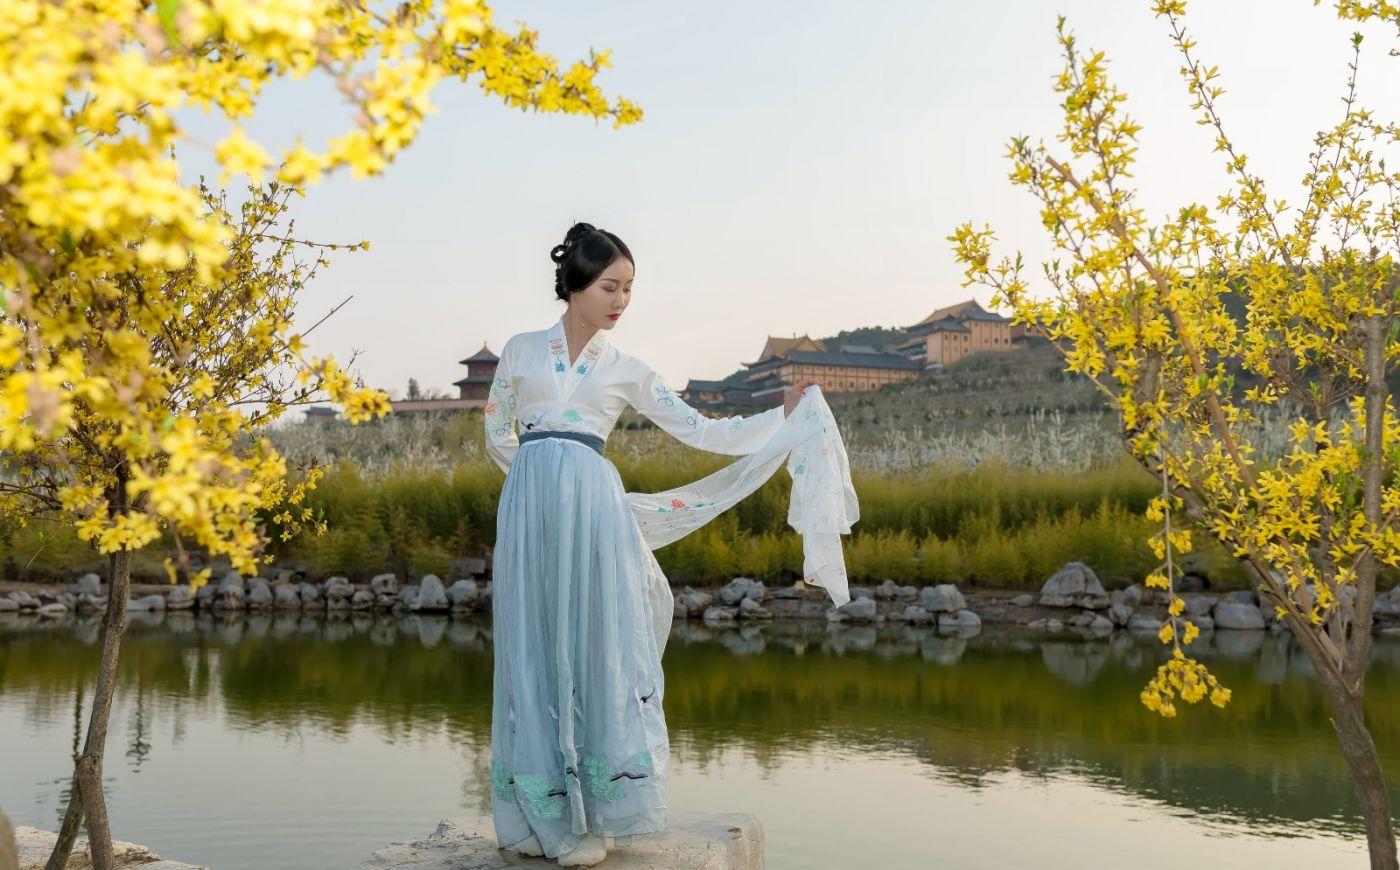 发现民族舞女孩吕锦涛 在樱桃花开白如雪的马泉翩翩起舞_图1-26